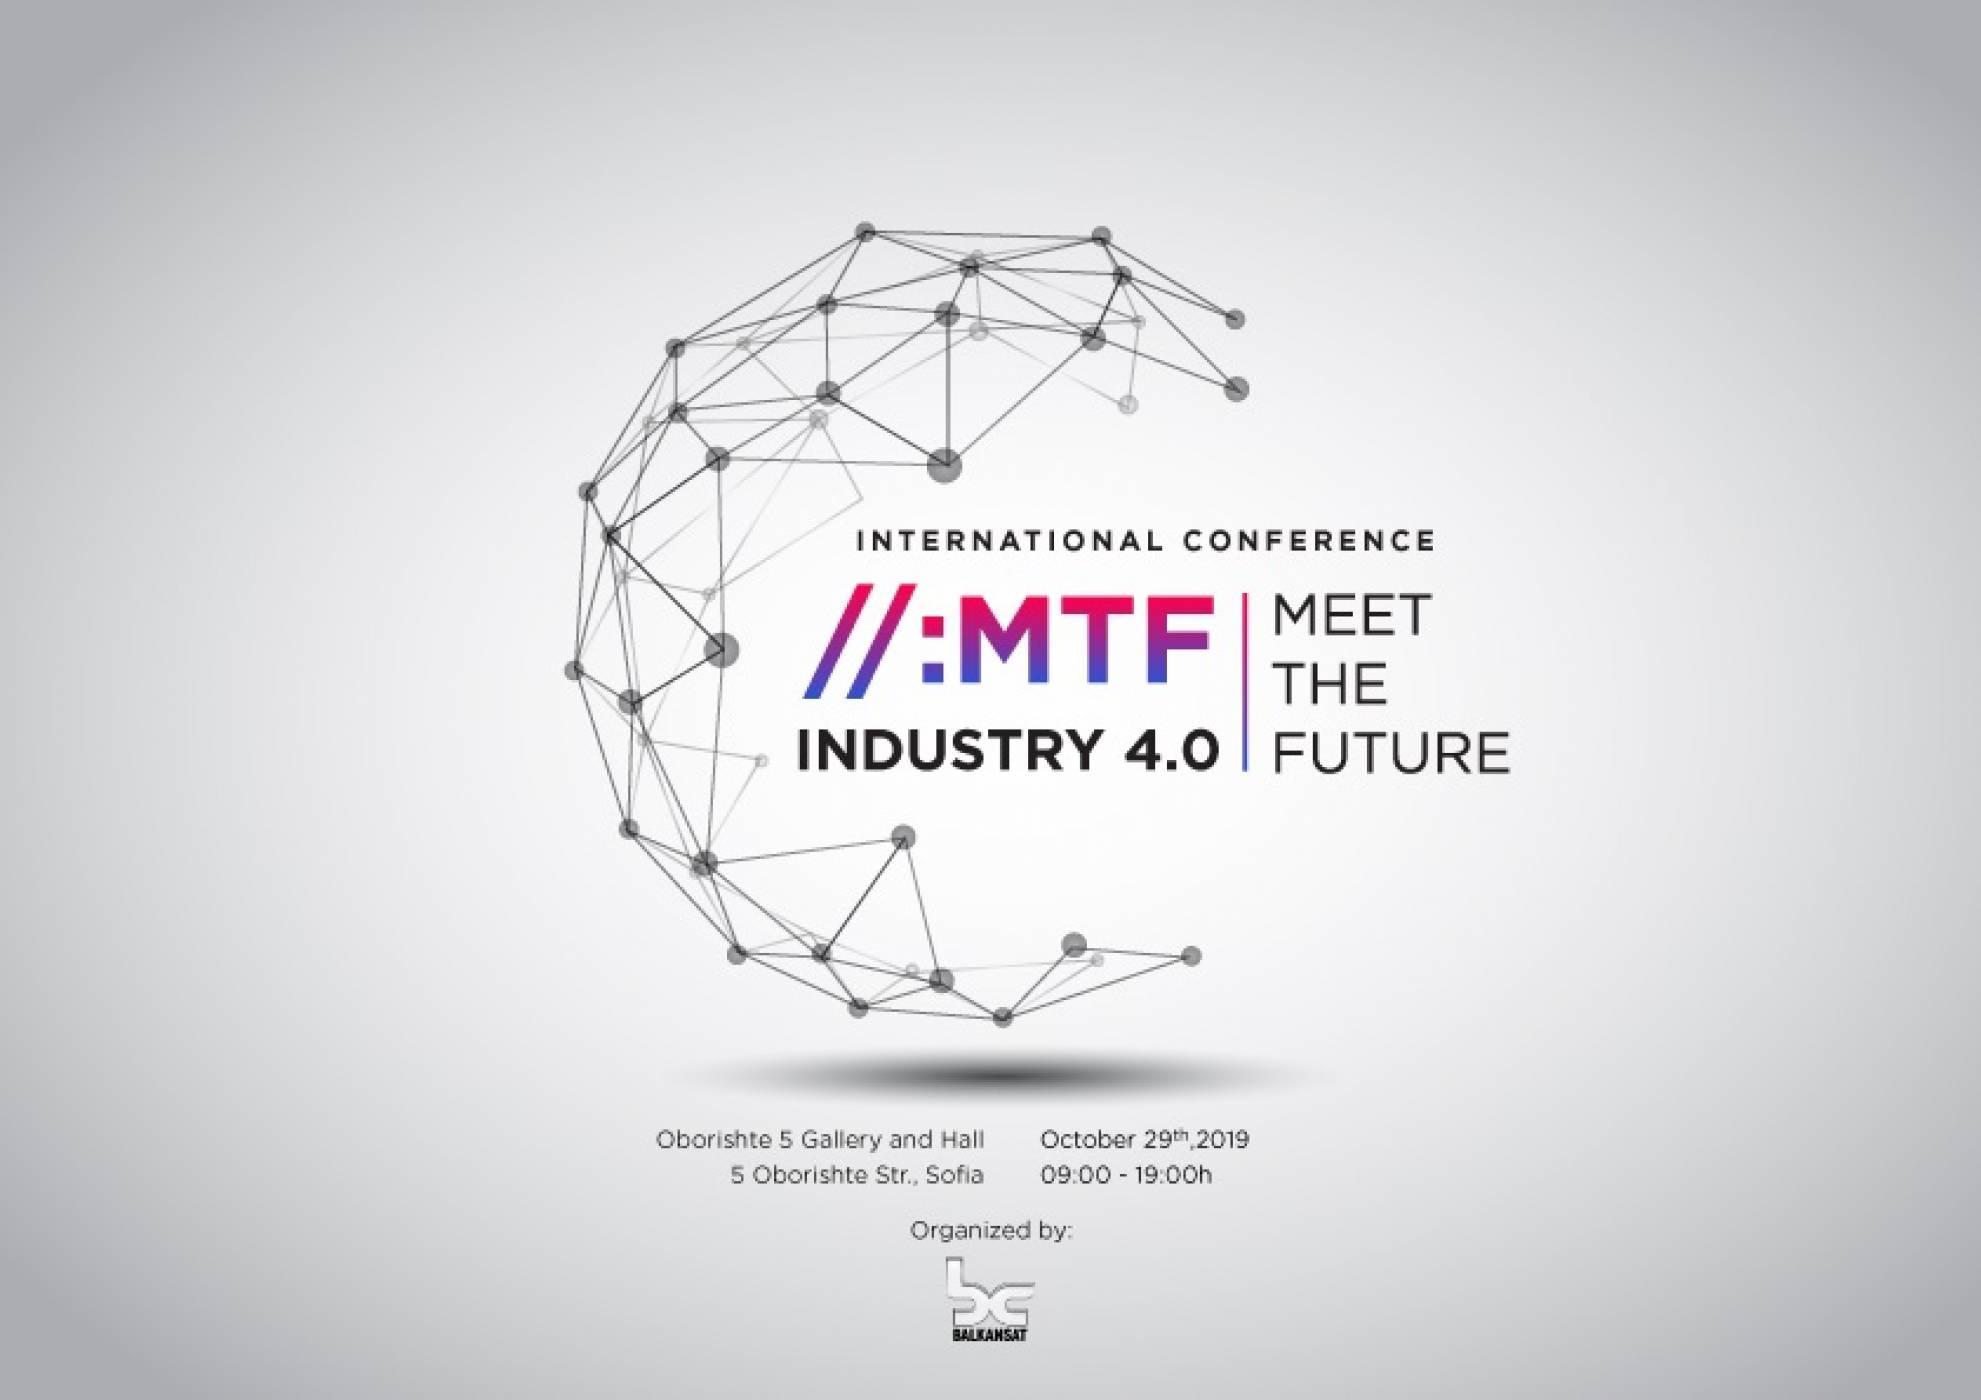 //:meetthefuture/ Industry 4.0 е експертен поглед в дигиталното бъдеще